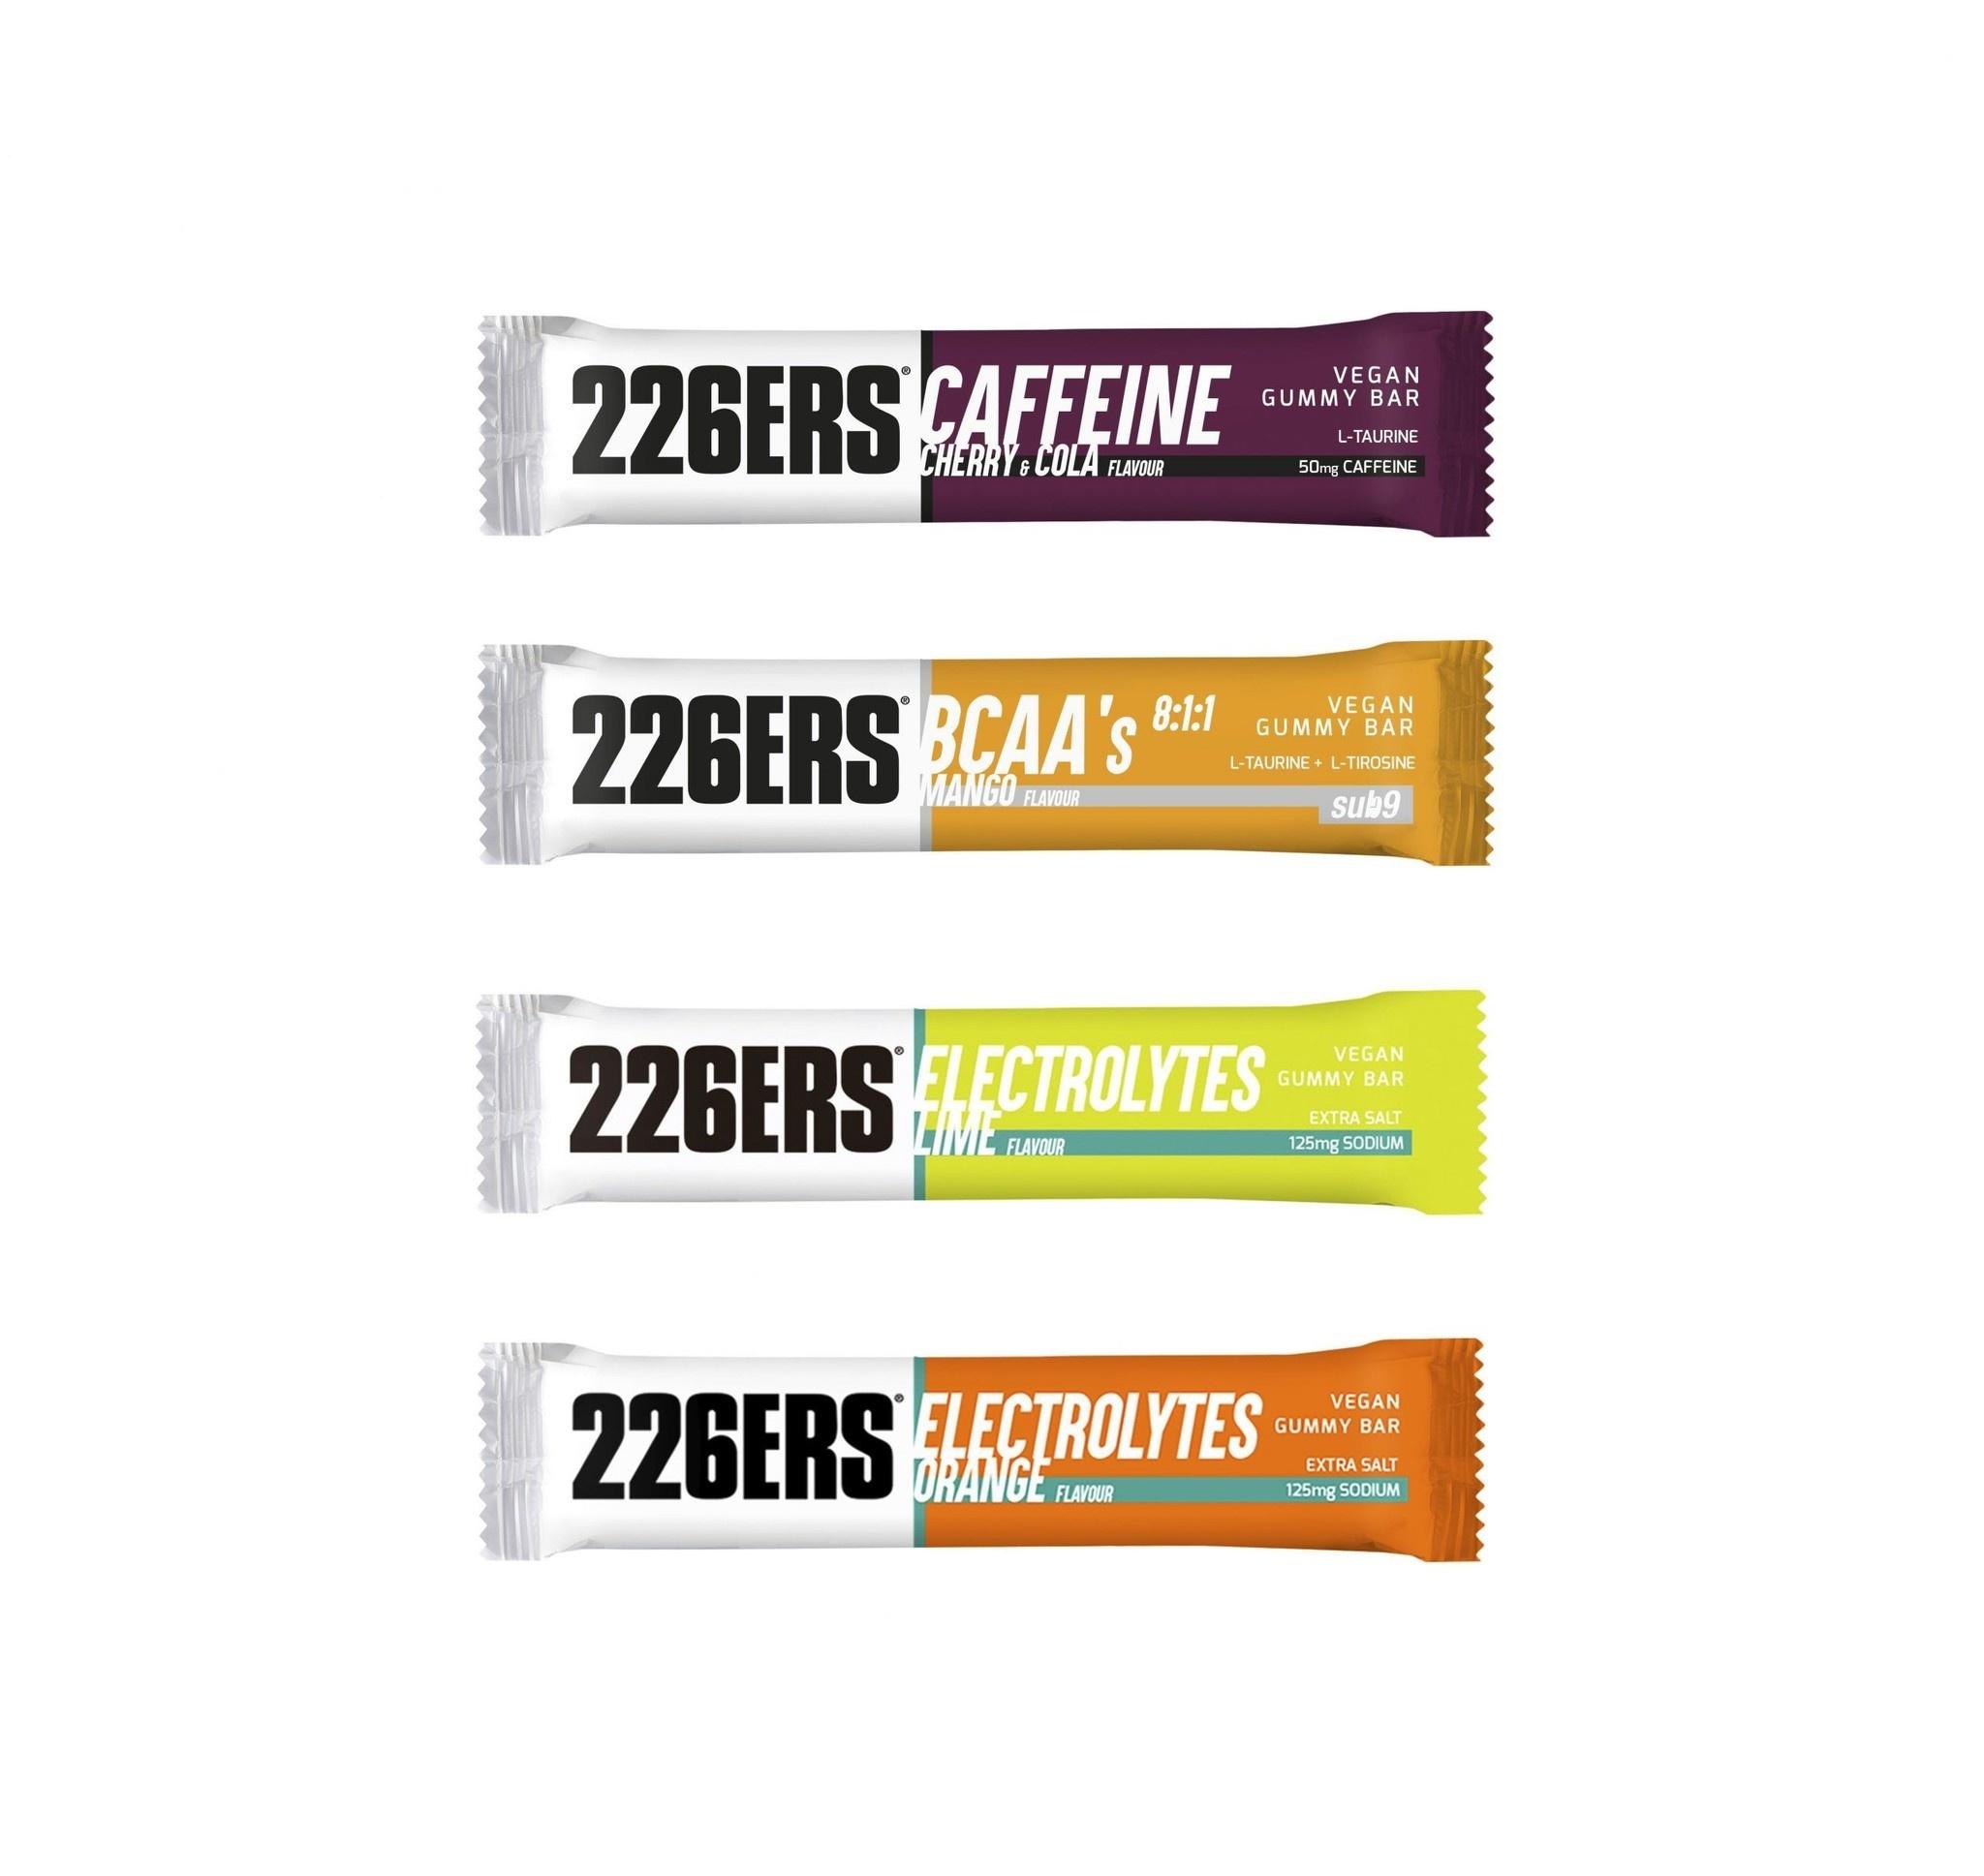 226ERS | Vegan Gummy Bar-2